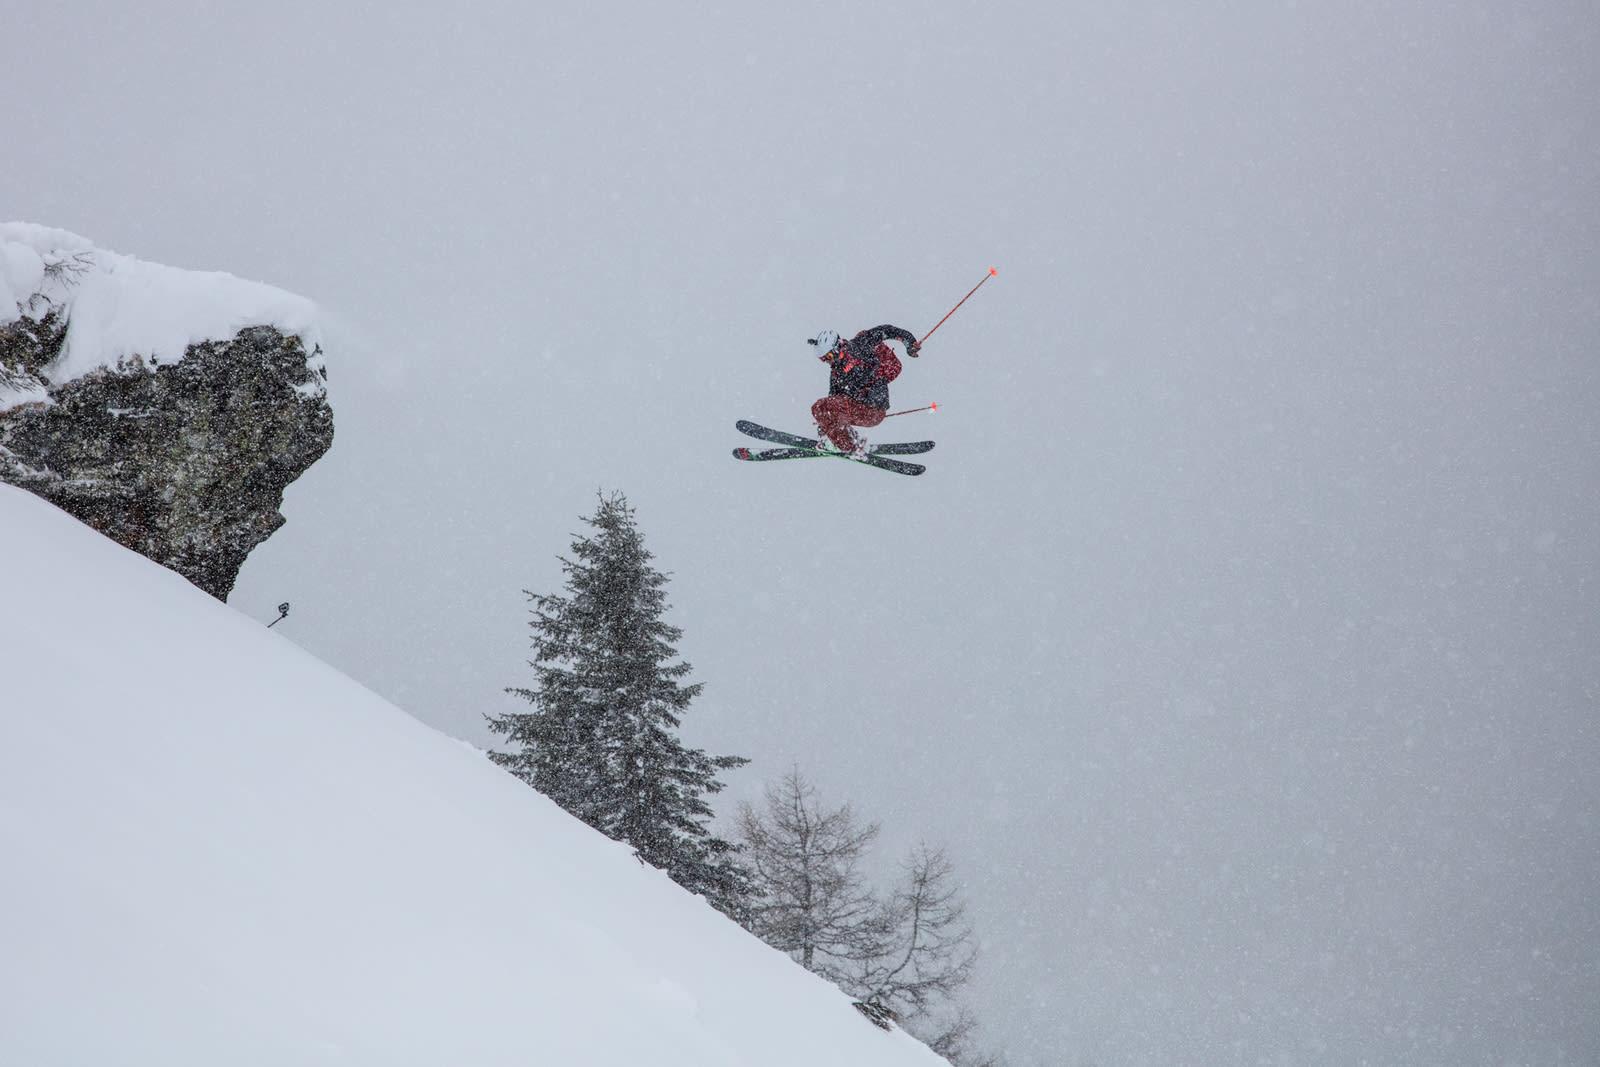 SIST VINTER: Øystein i aksjon i Sveits med Skipatruljen til Fri Flyt i fjor. I år hadde la han nesten hele sesongen til den sveitsiske destinasjonen. Foto: Bård Gundersen